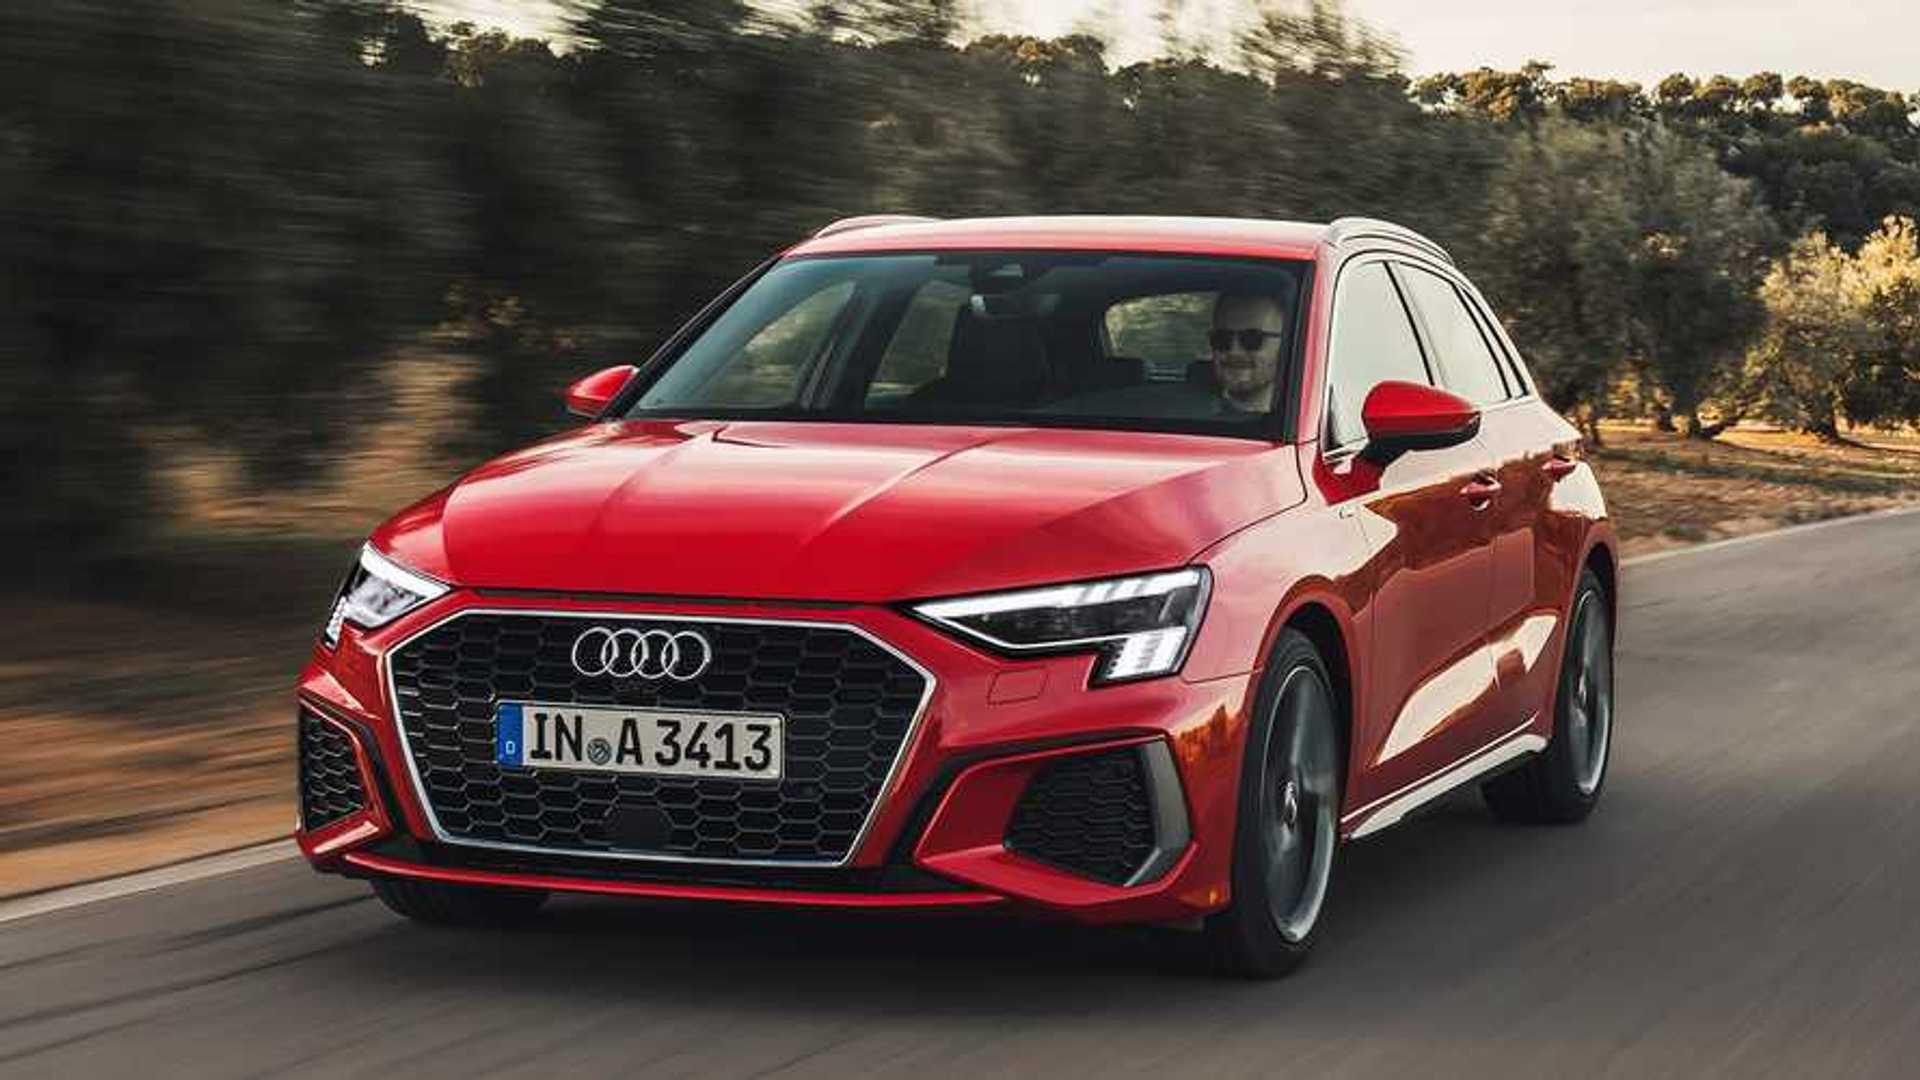 2020 Audi A3 First Drive